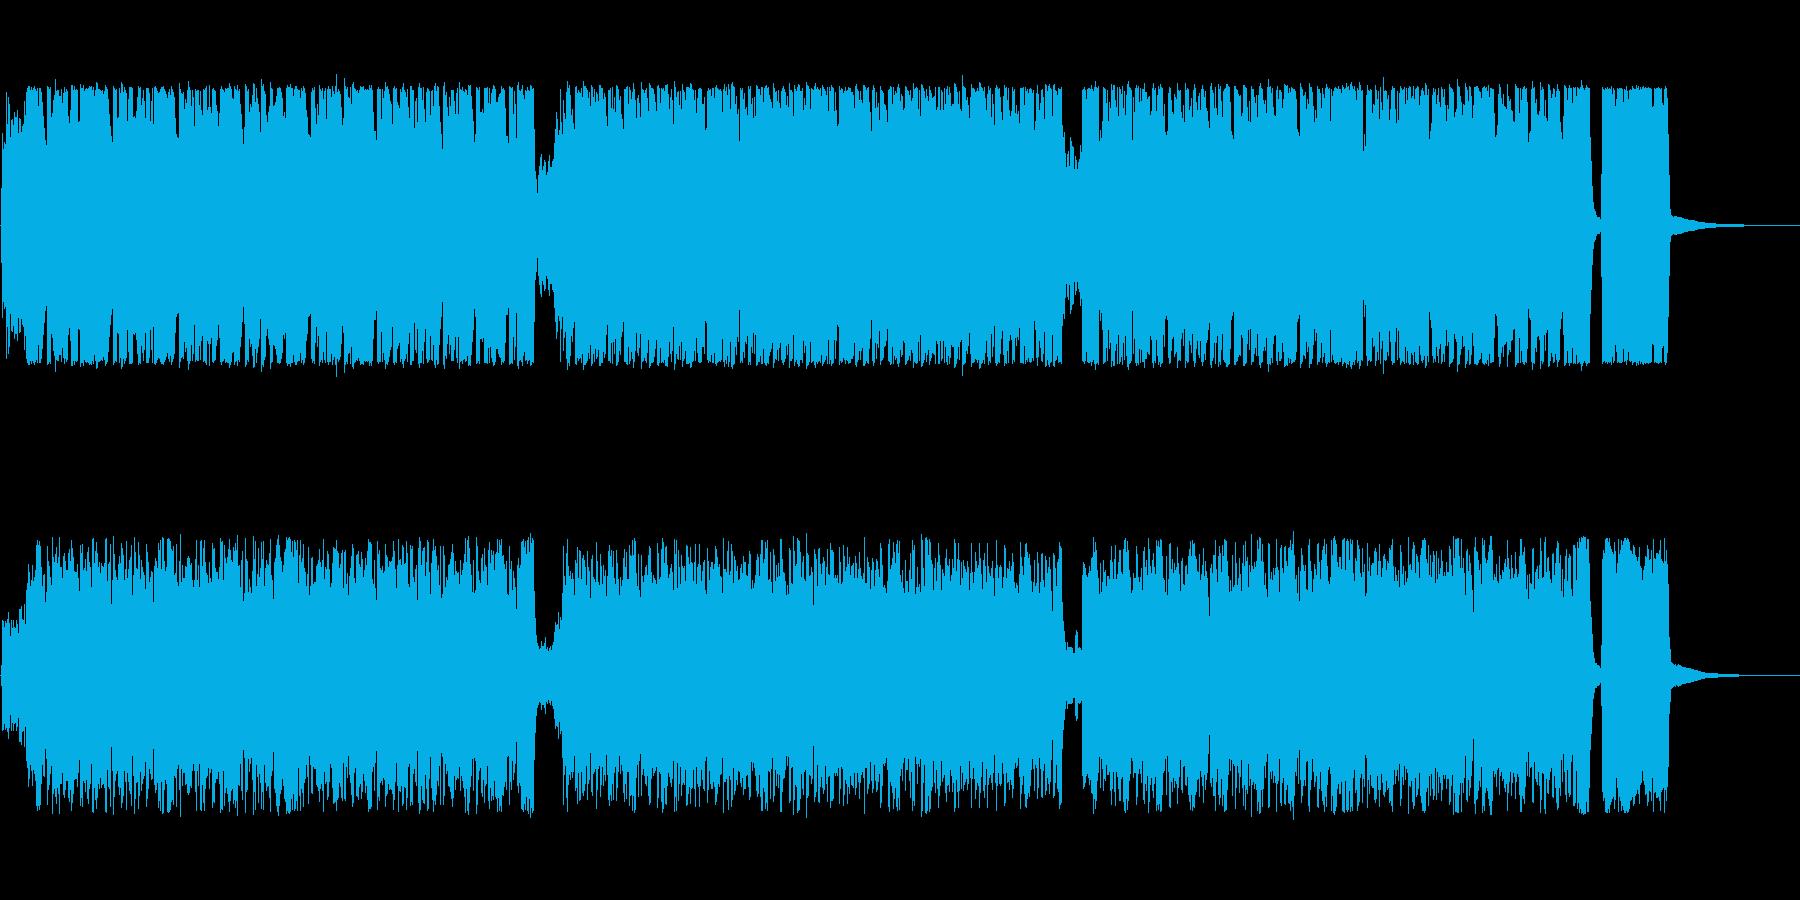 切なさを含むがテンポのいいジプシー風の曲の再生済みの波形